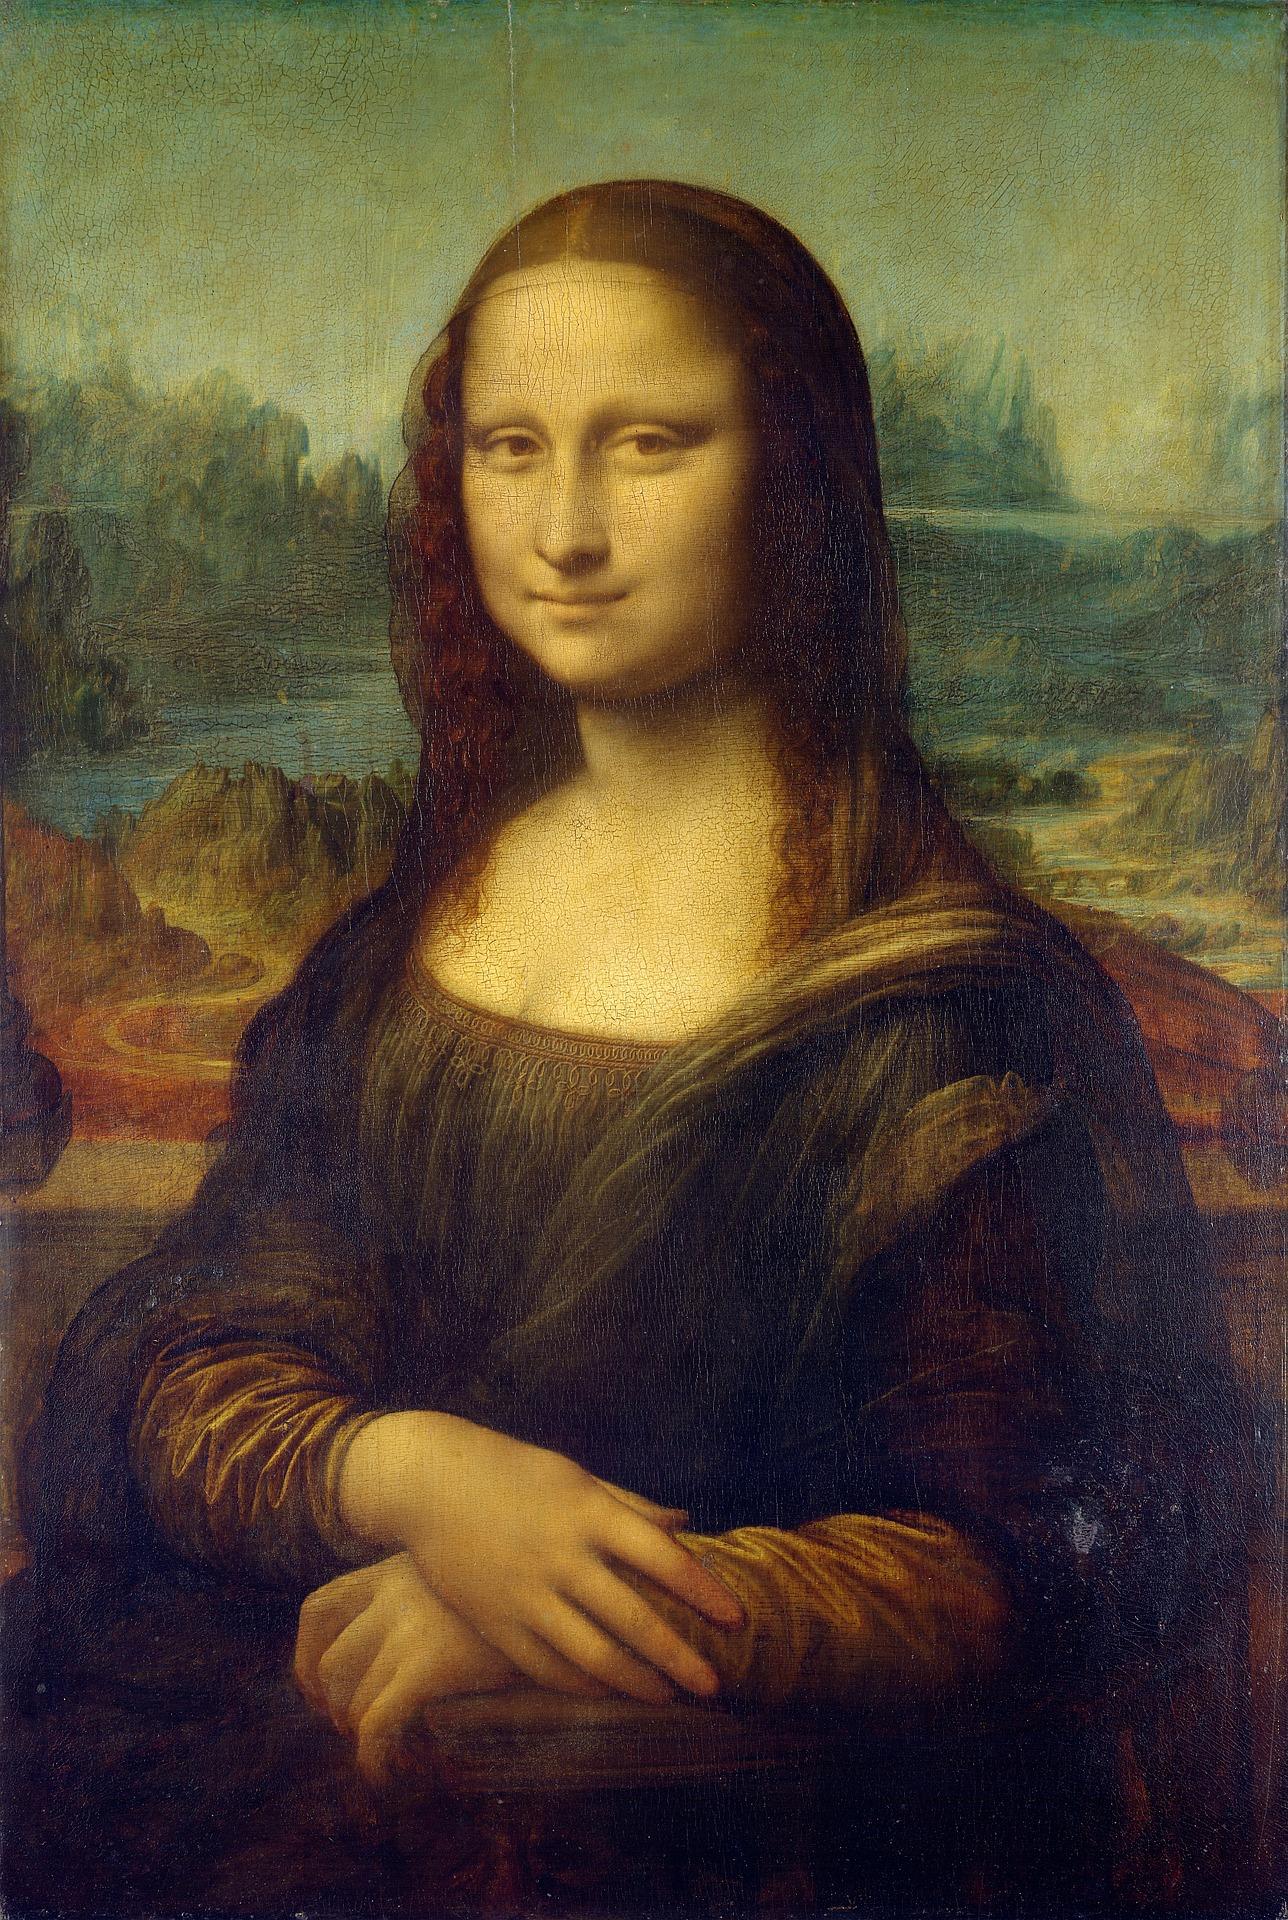 Pesquisador diz ter encontrado restos mortais da 'Mona Lisa'